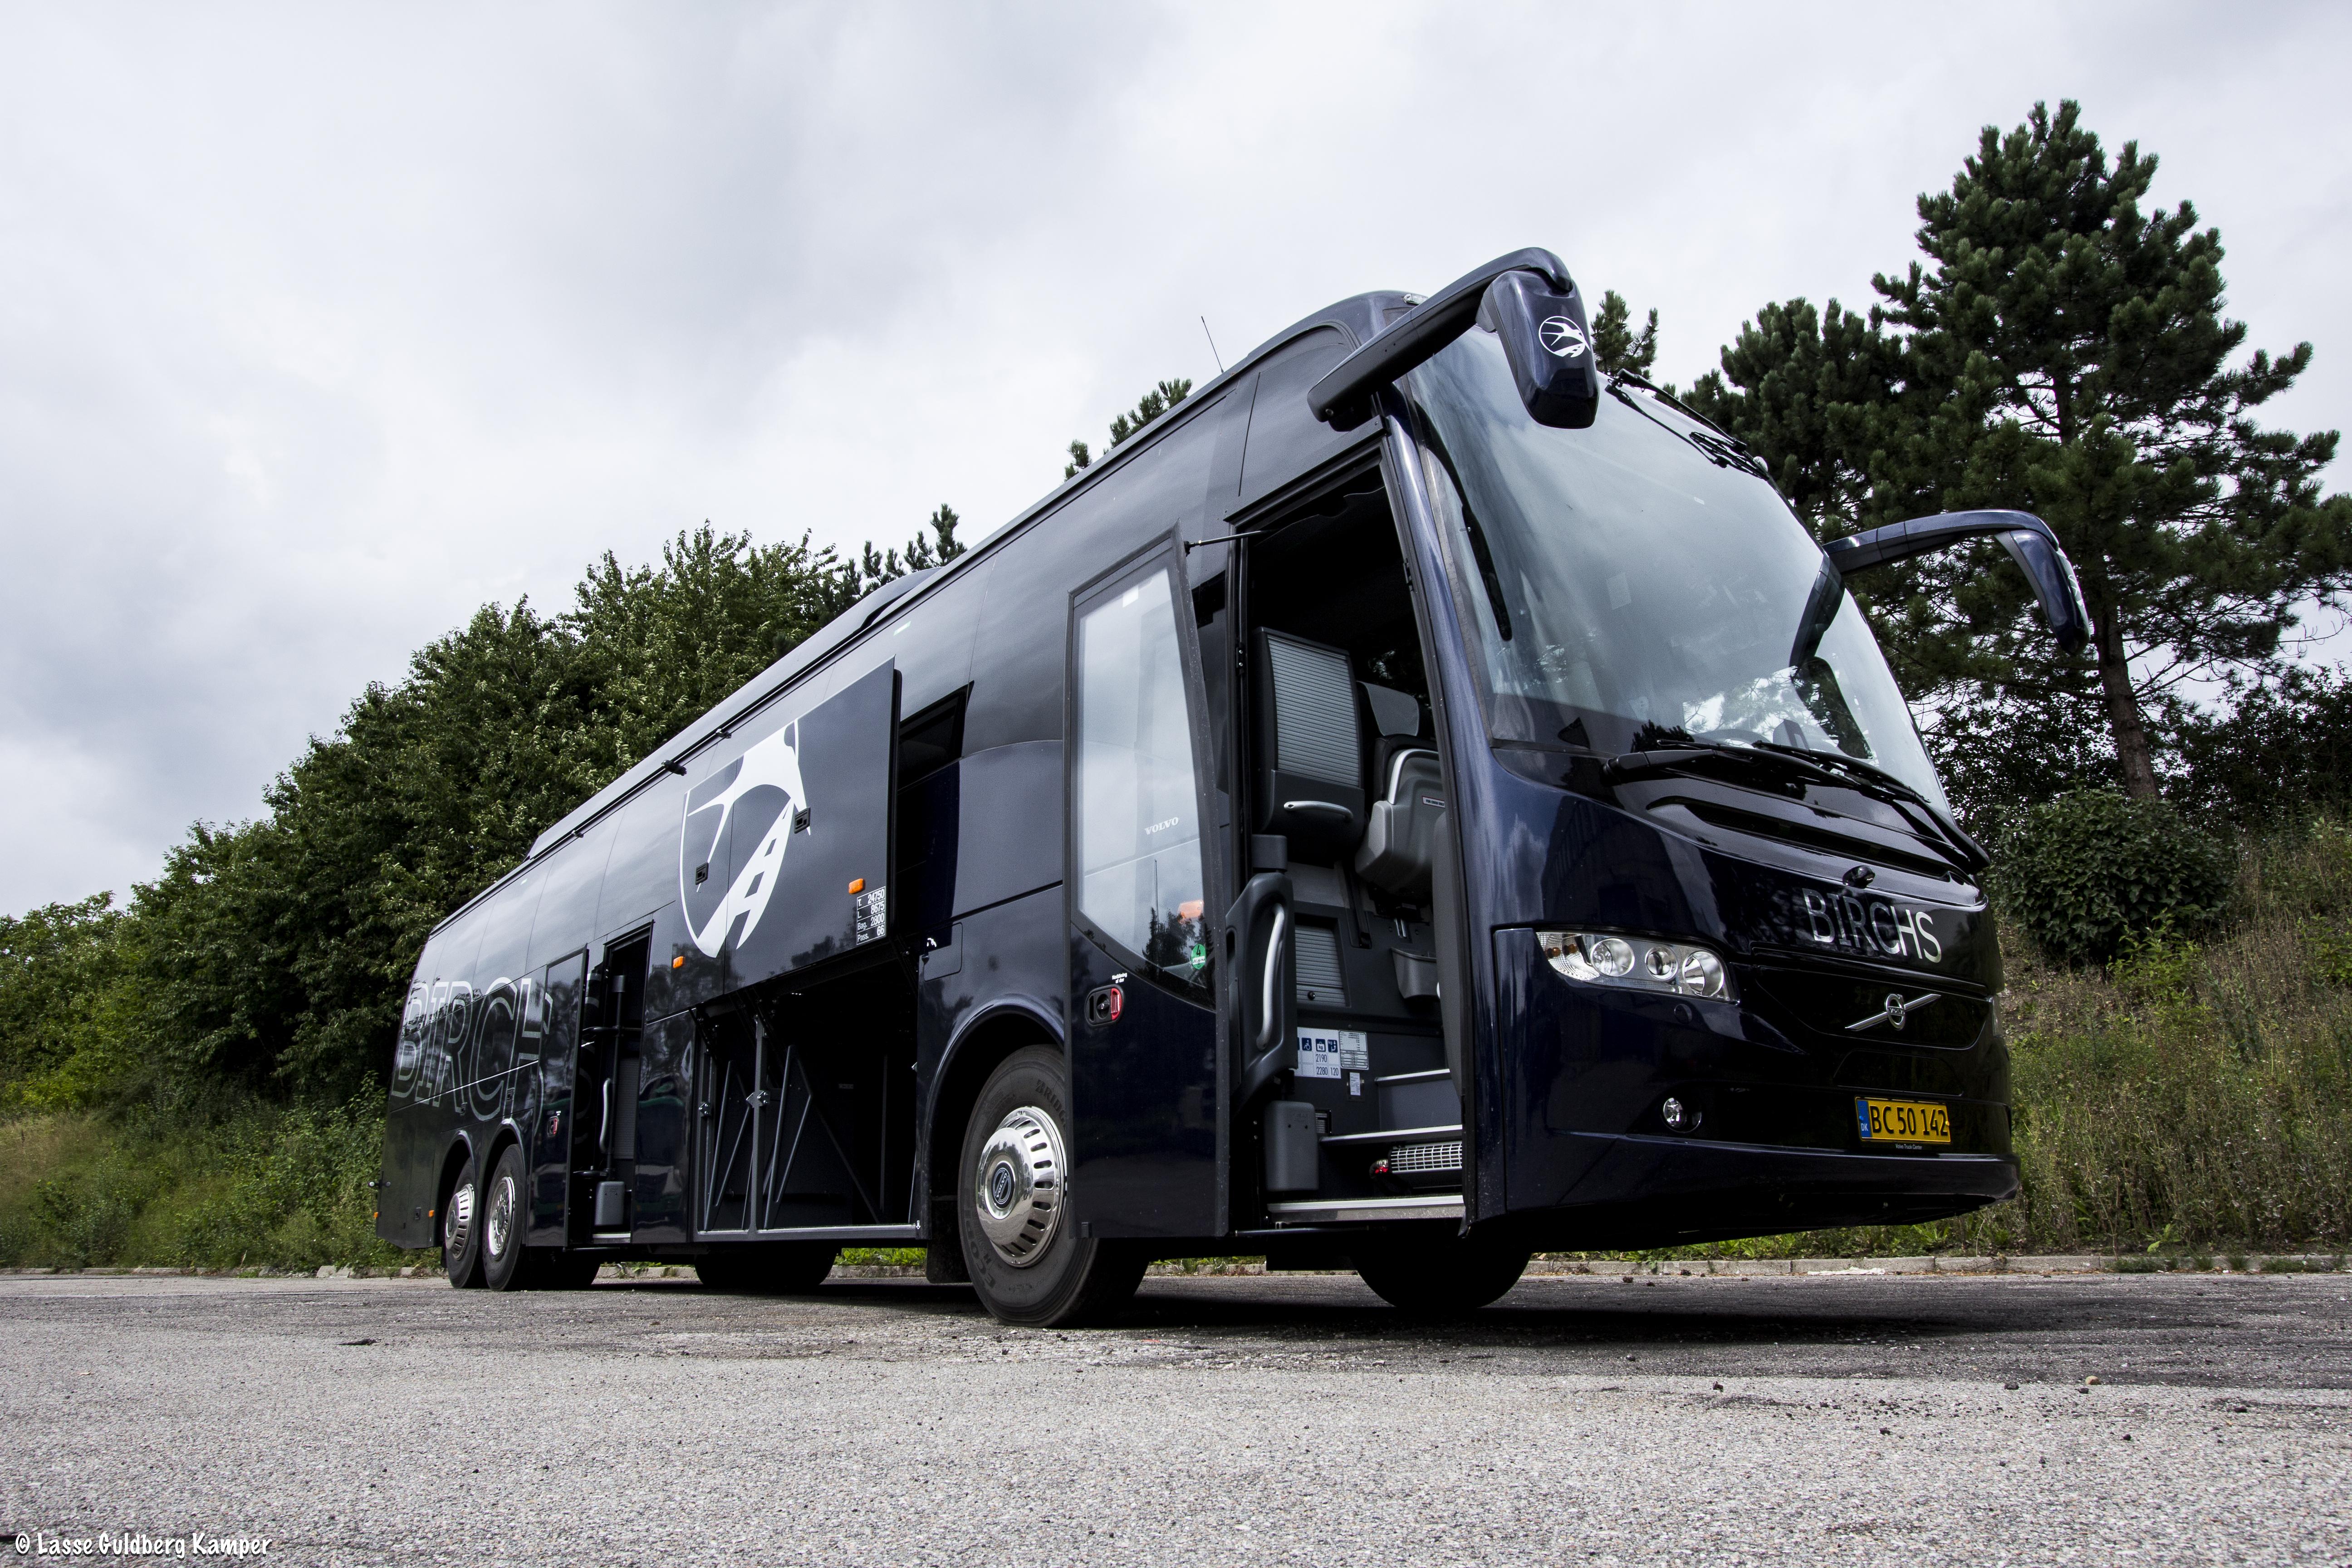 Buskørsel, Skolekørsel, Skolebusser, CPH-travel, Udflugter, rejser, transport i bus, BIRCHS turist, udflugter, rejser. Alle de gode oplevelser.